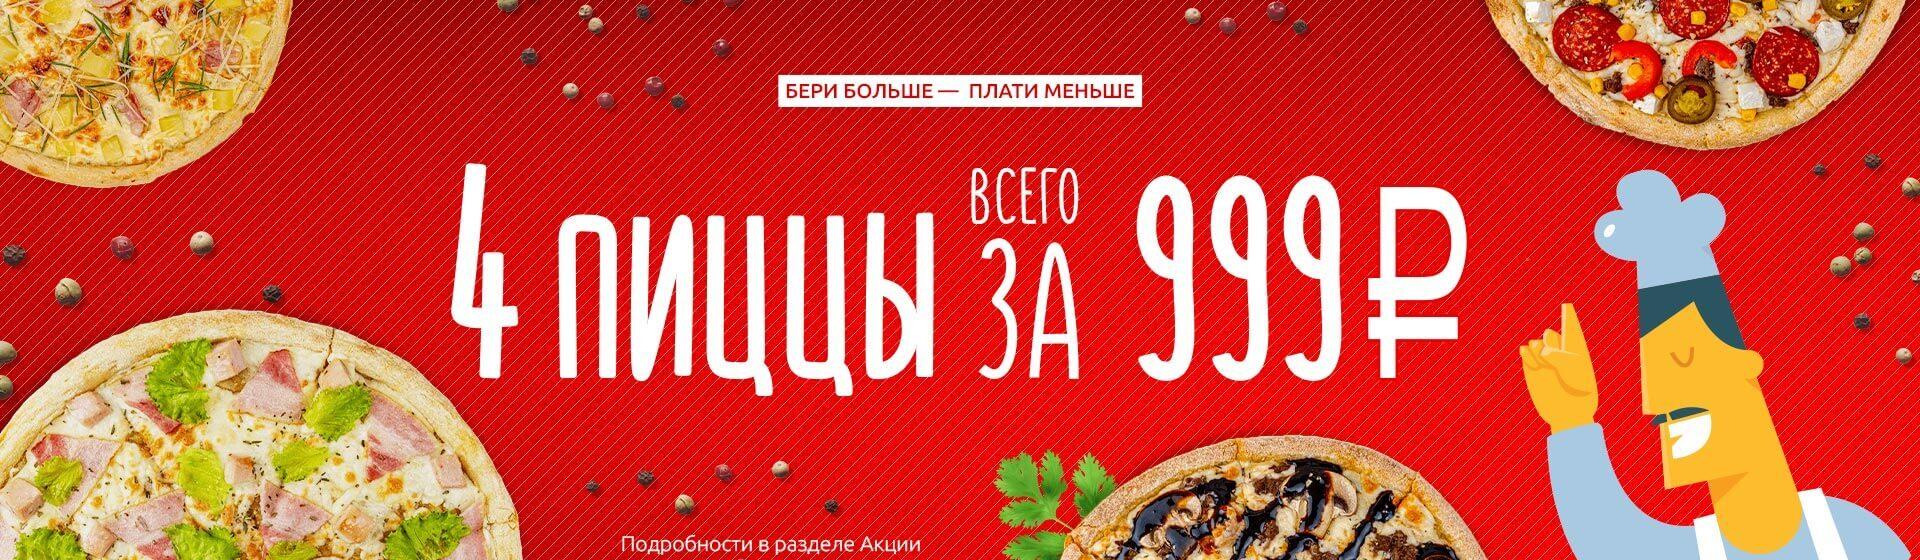 4 пиццы за 999Р